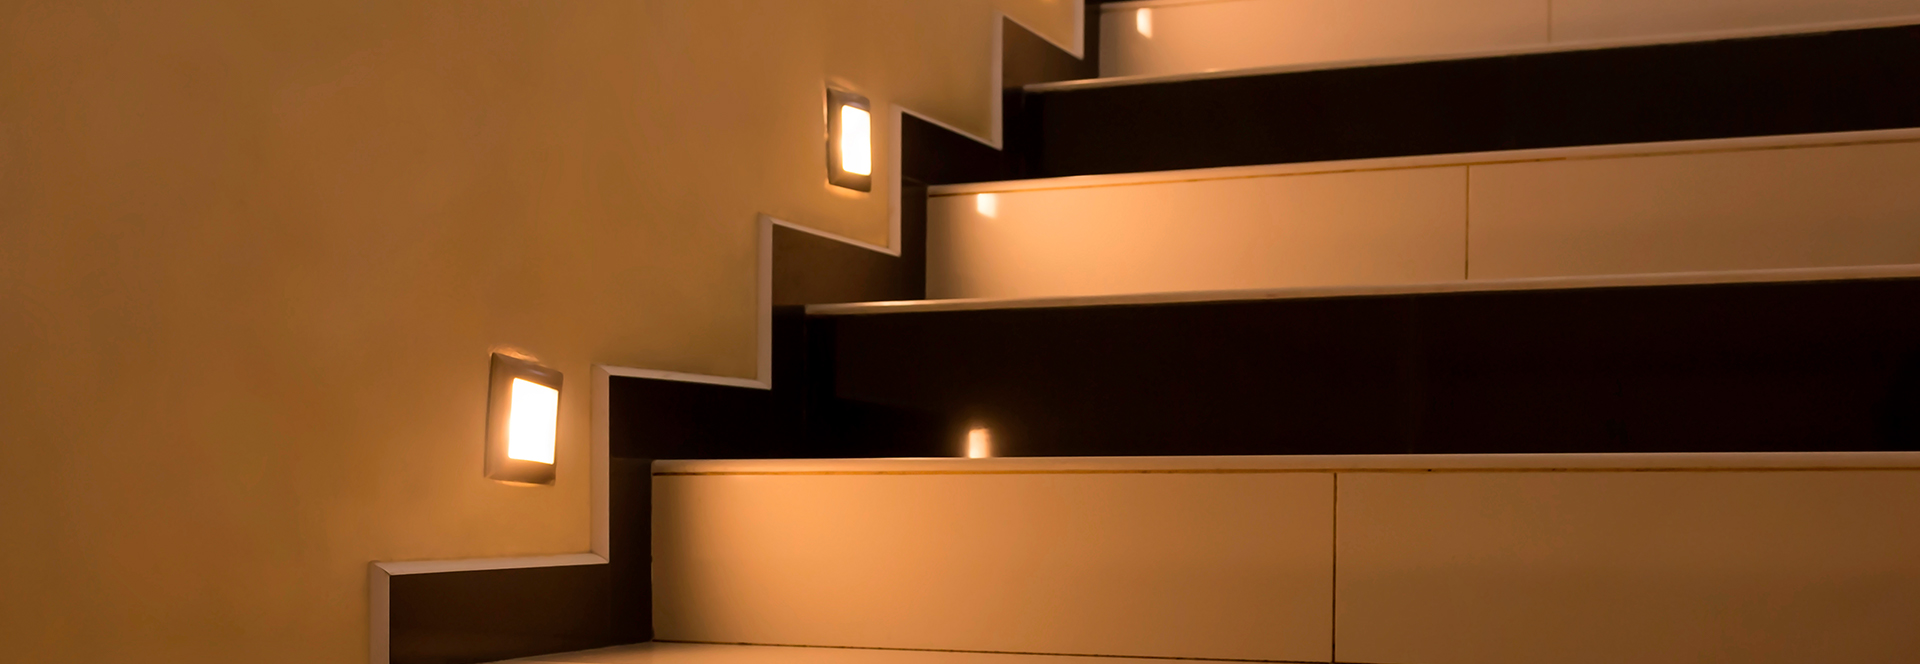 Walklight